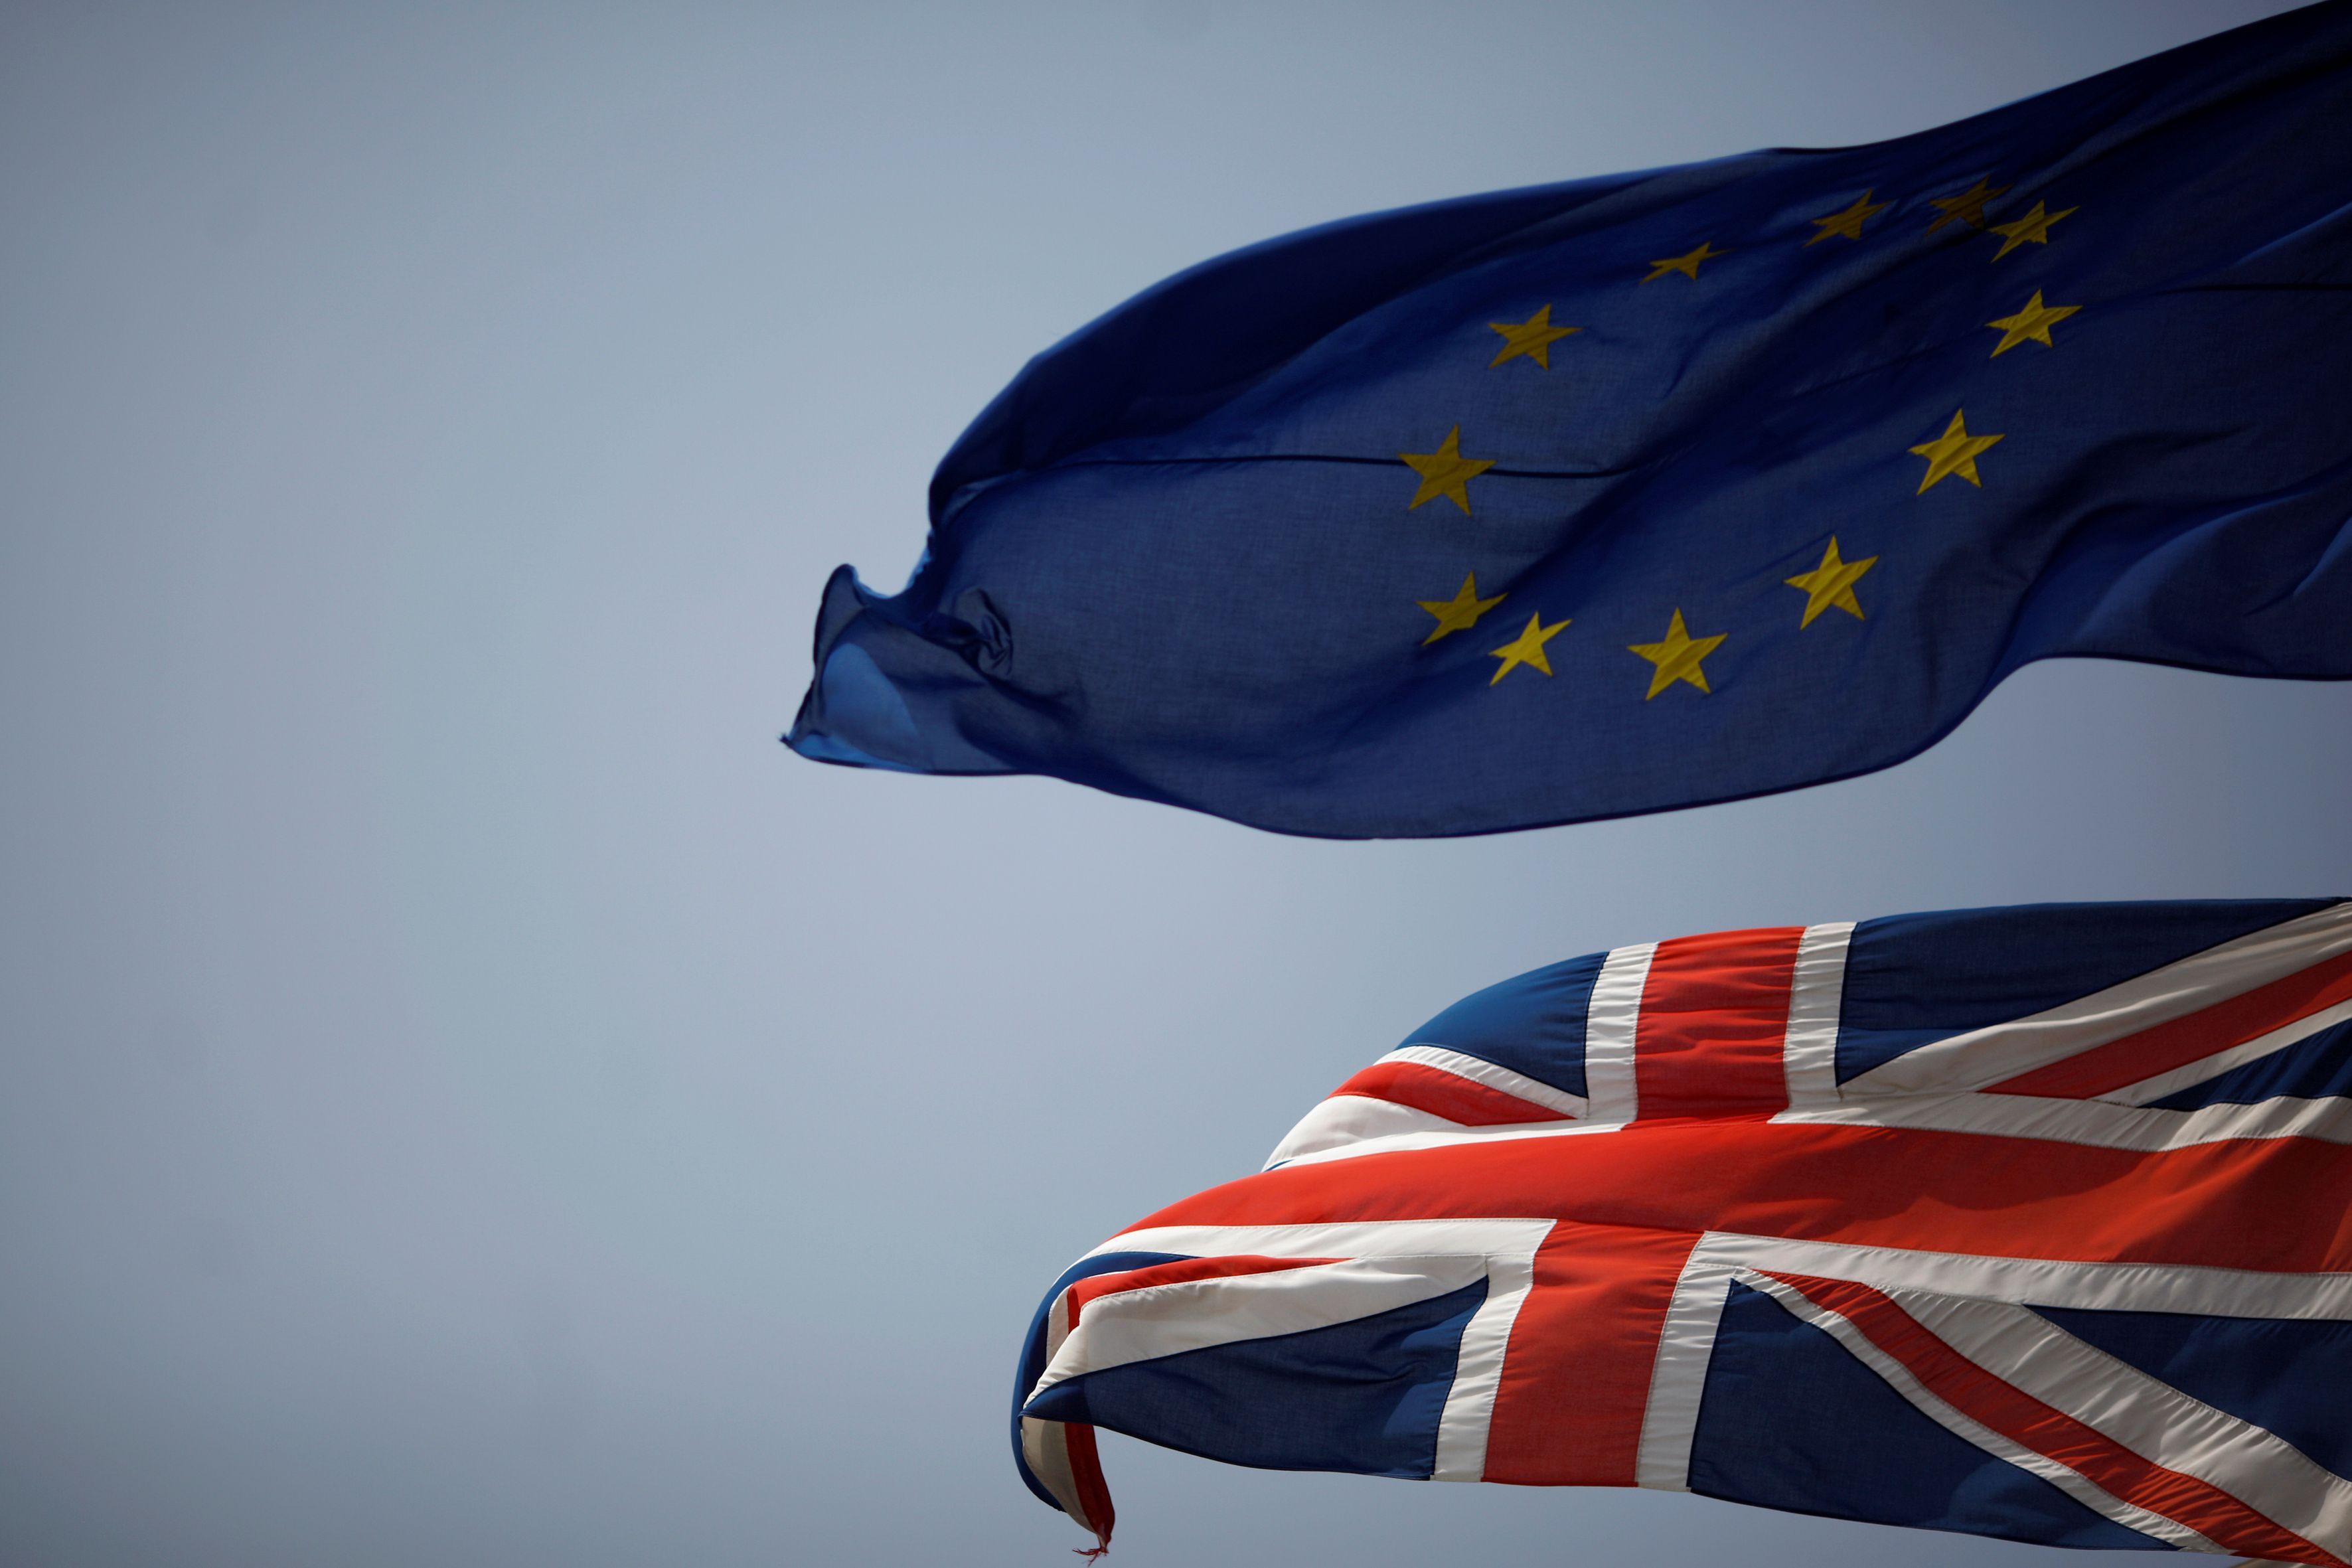 Le feu d'artifice de l'économie britannique post-Brexit peut-il encore durer ?